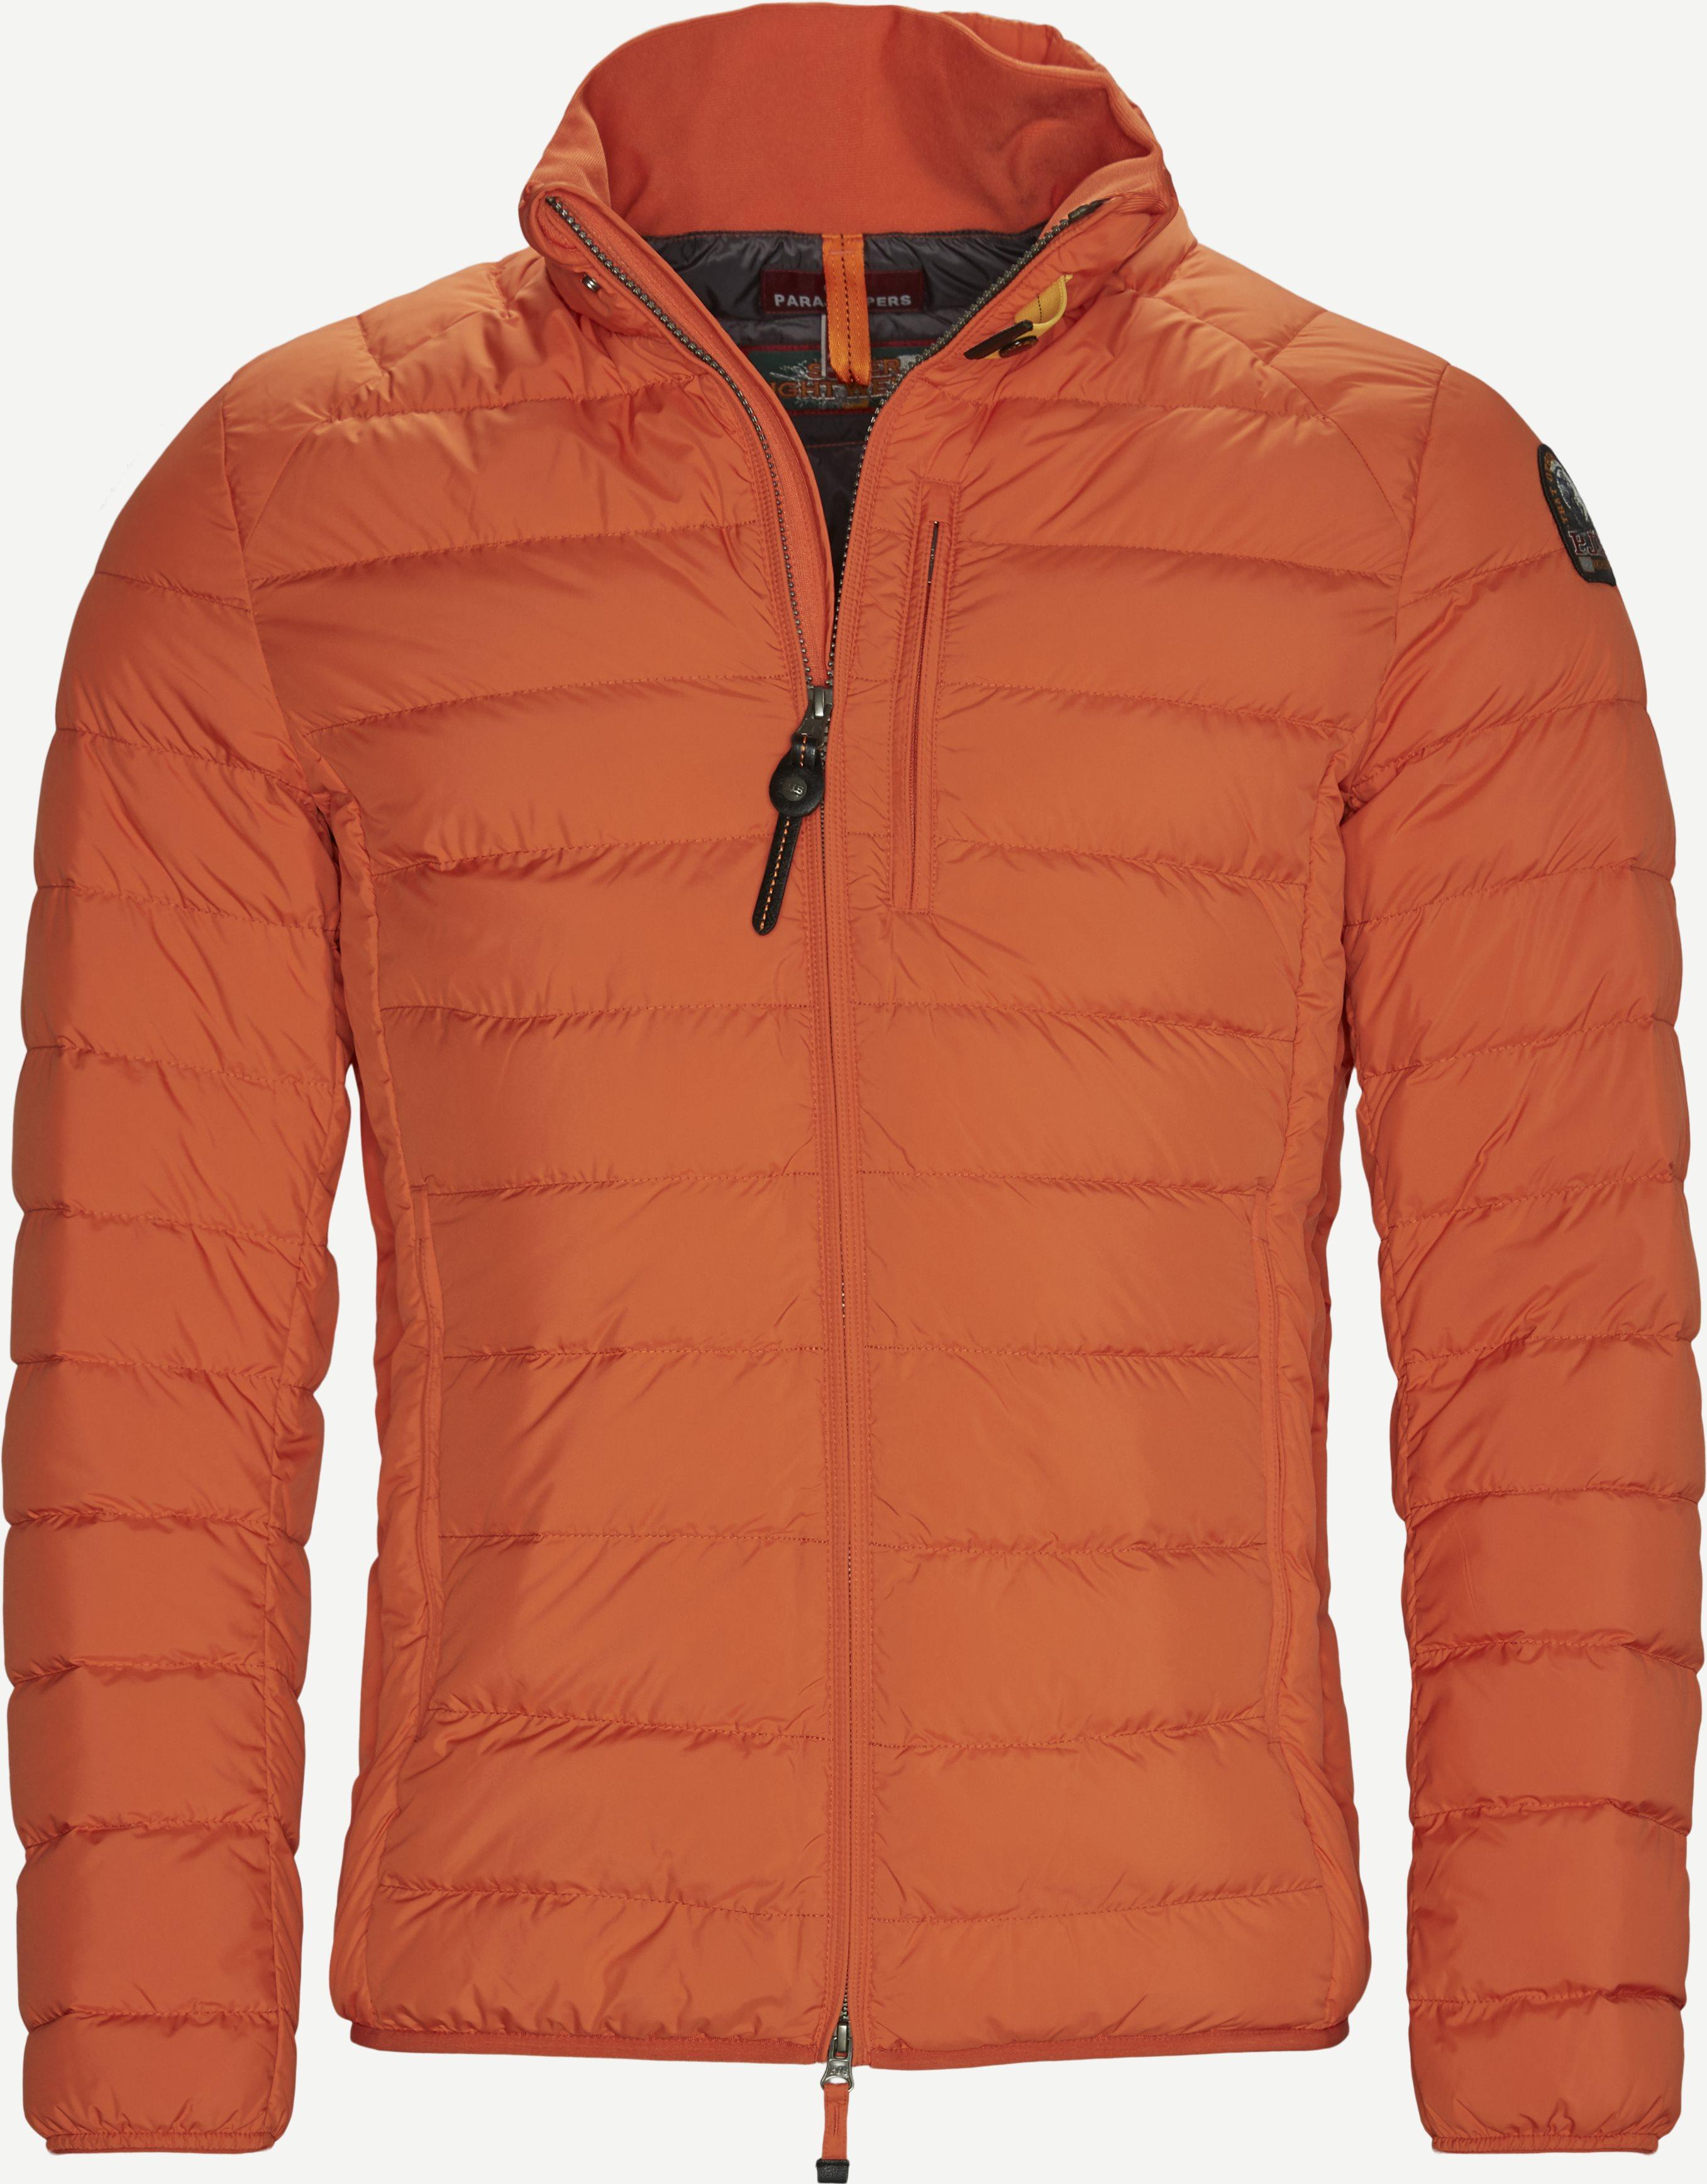 Jackor - Regular fit - Orange